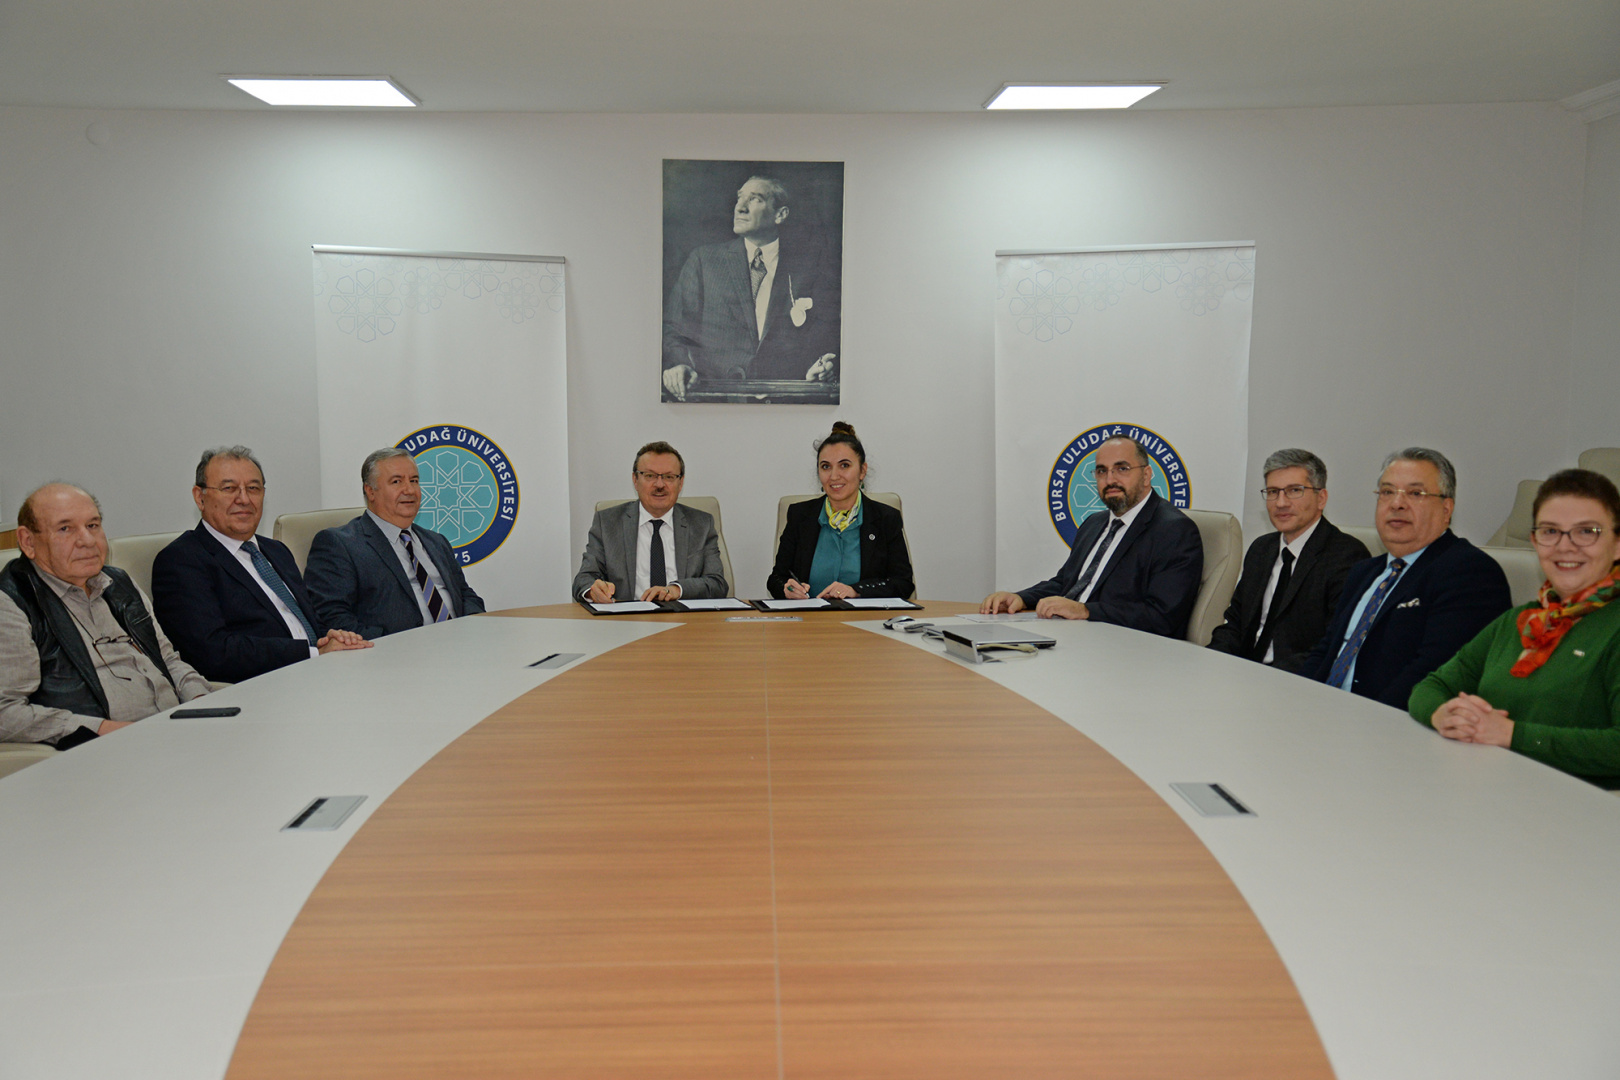 BUÜ ile Barmak Barutçuoğlu arasında 2244 Sanayi Doktora Protokolü imzalandı